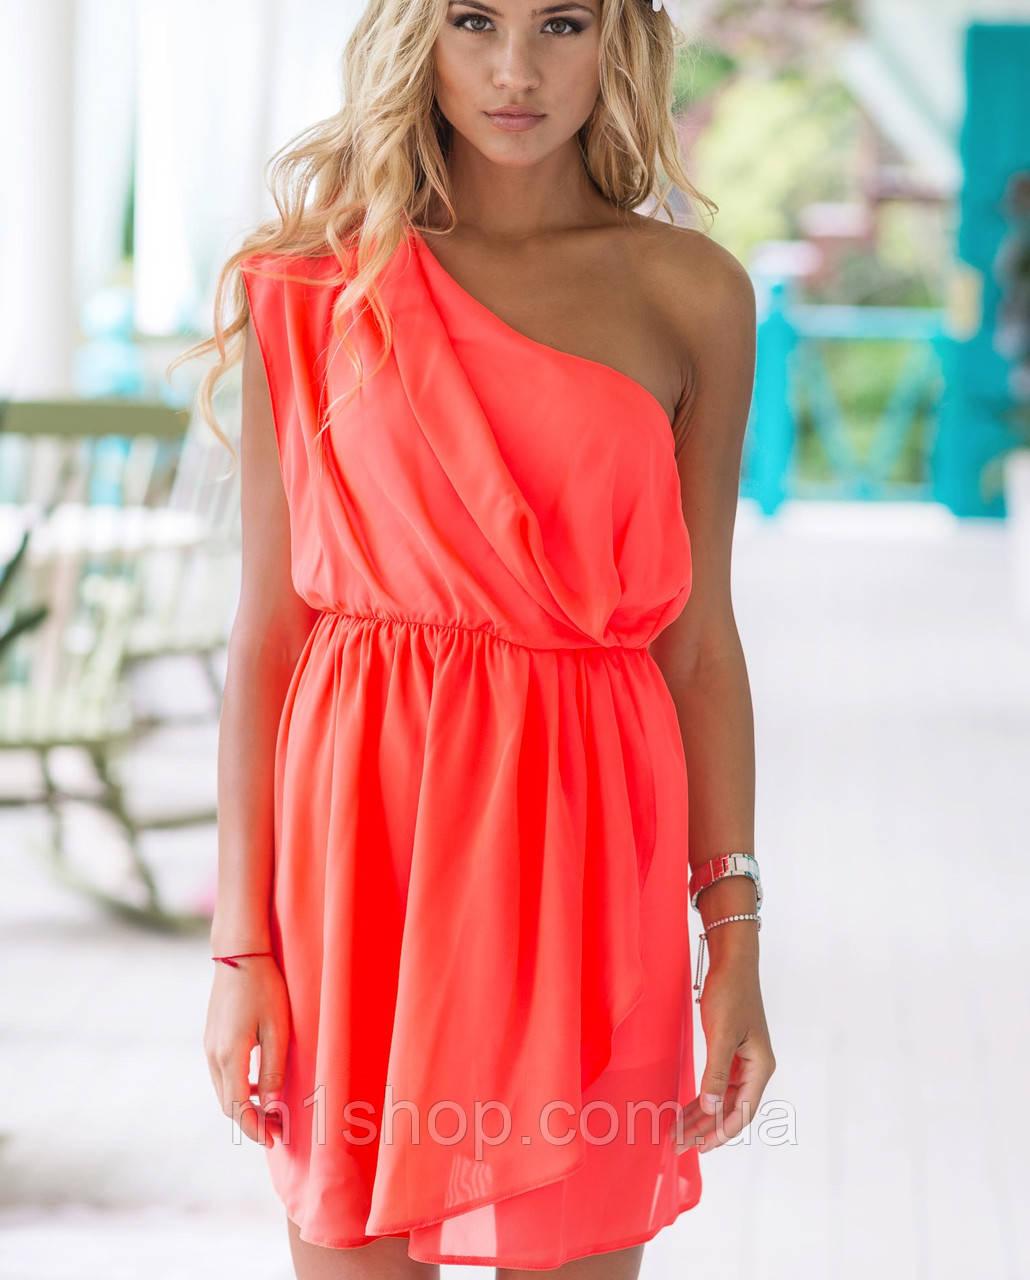 Платье на одно плечо | 2053 sk